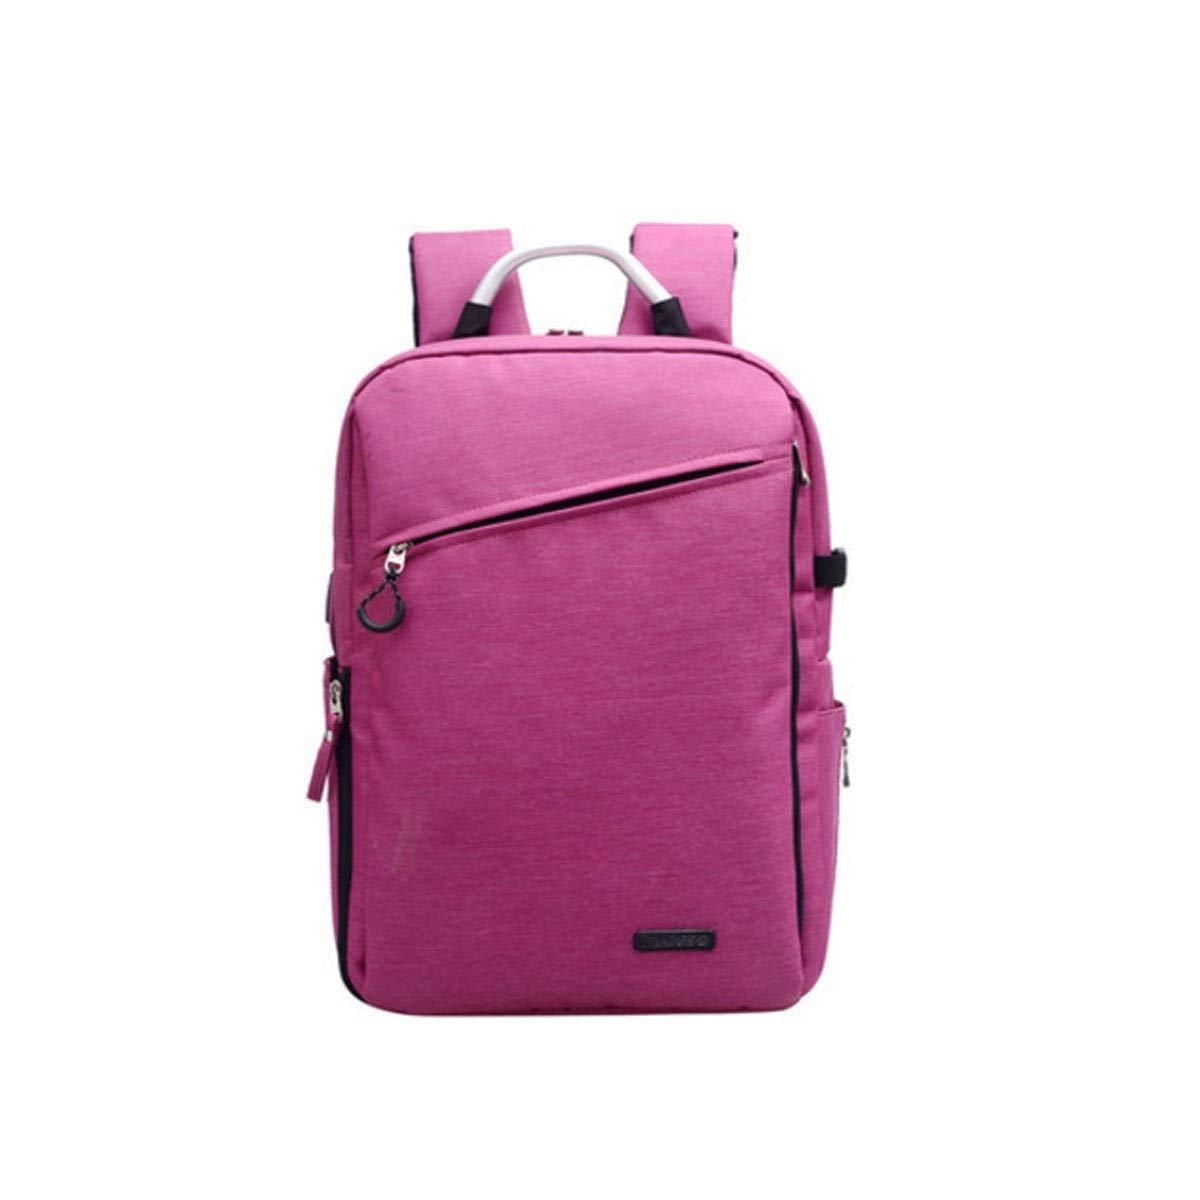 カメラバッグ、ショルダーフォトバックパックバッグ、両眼大容量バックパック、ブラック、レッド (Color : Pink) B07R3ZGPDW